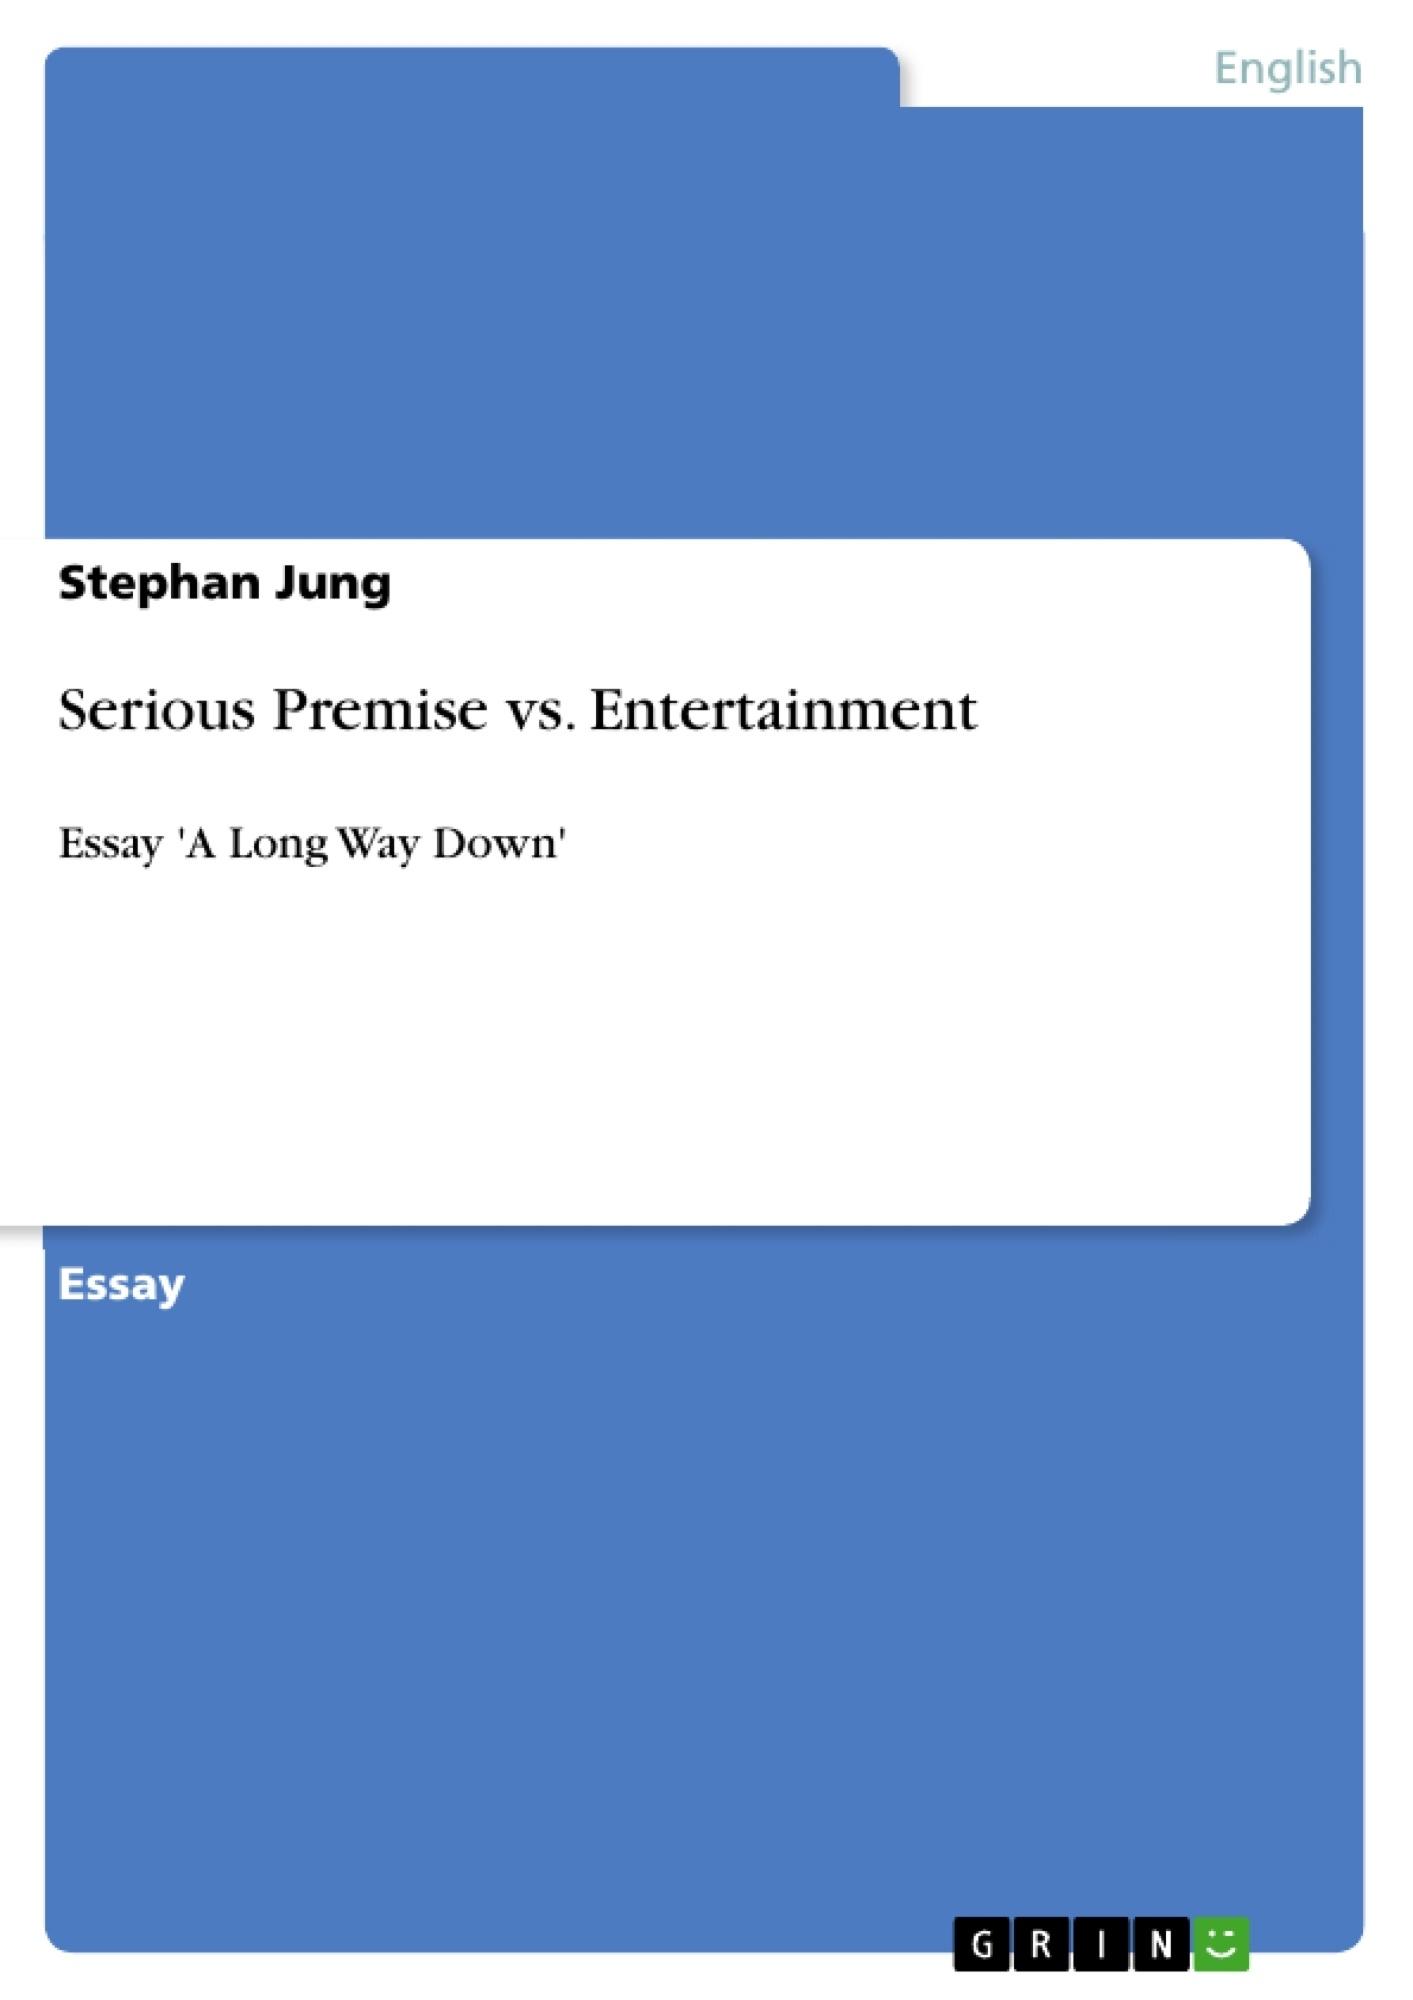 Title: Serious Premise vs. Entertainment